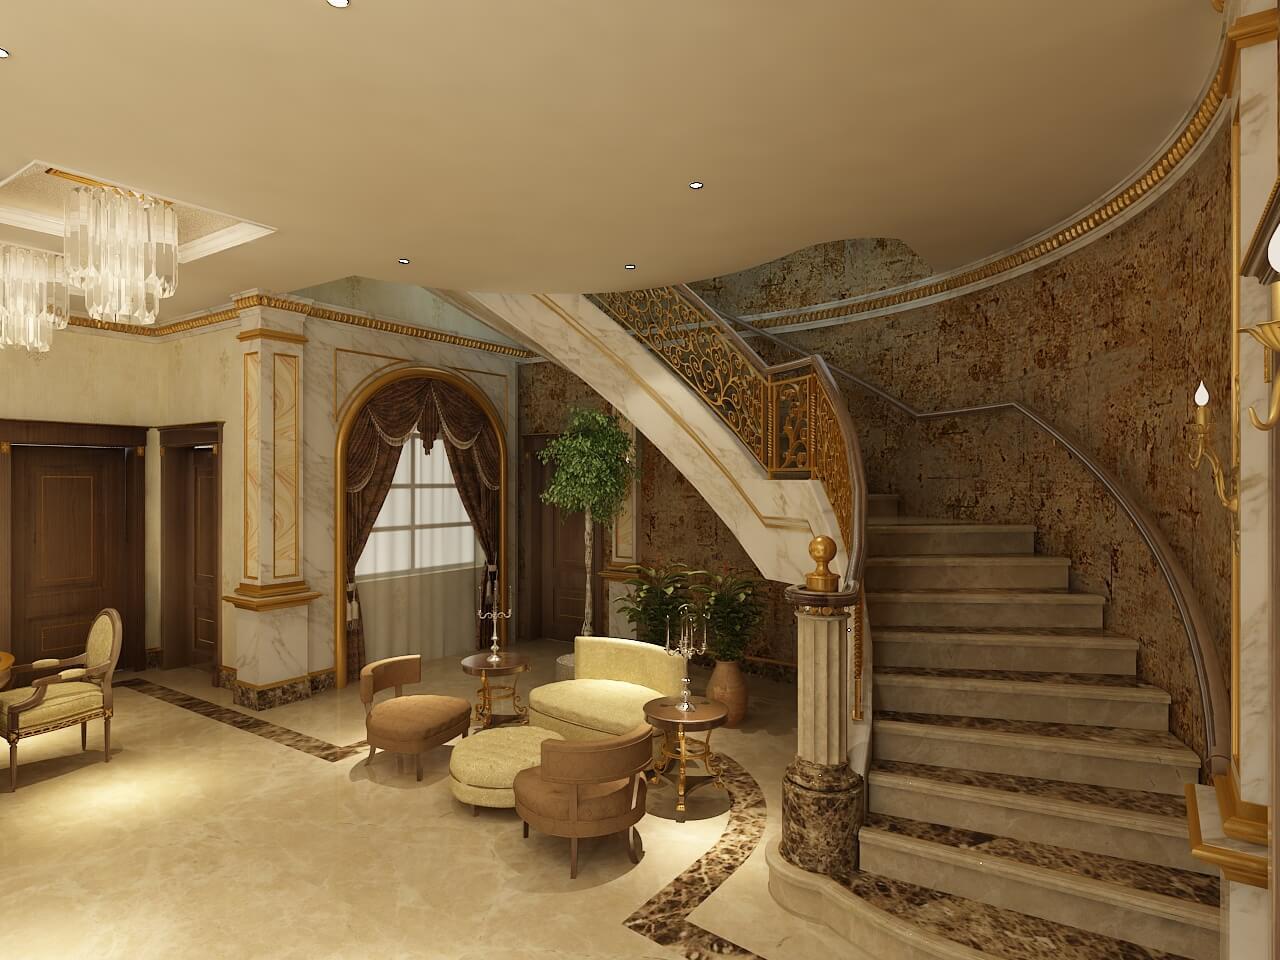 Private Villa, Emirates Hills - 3